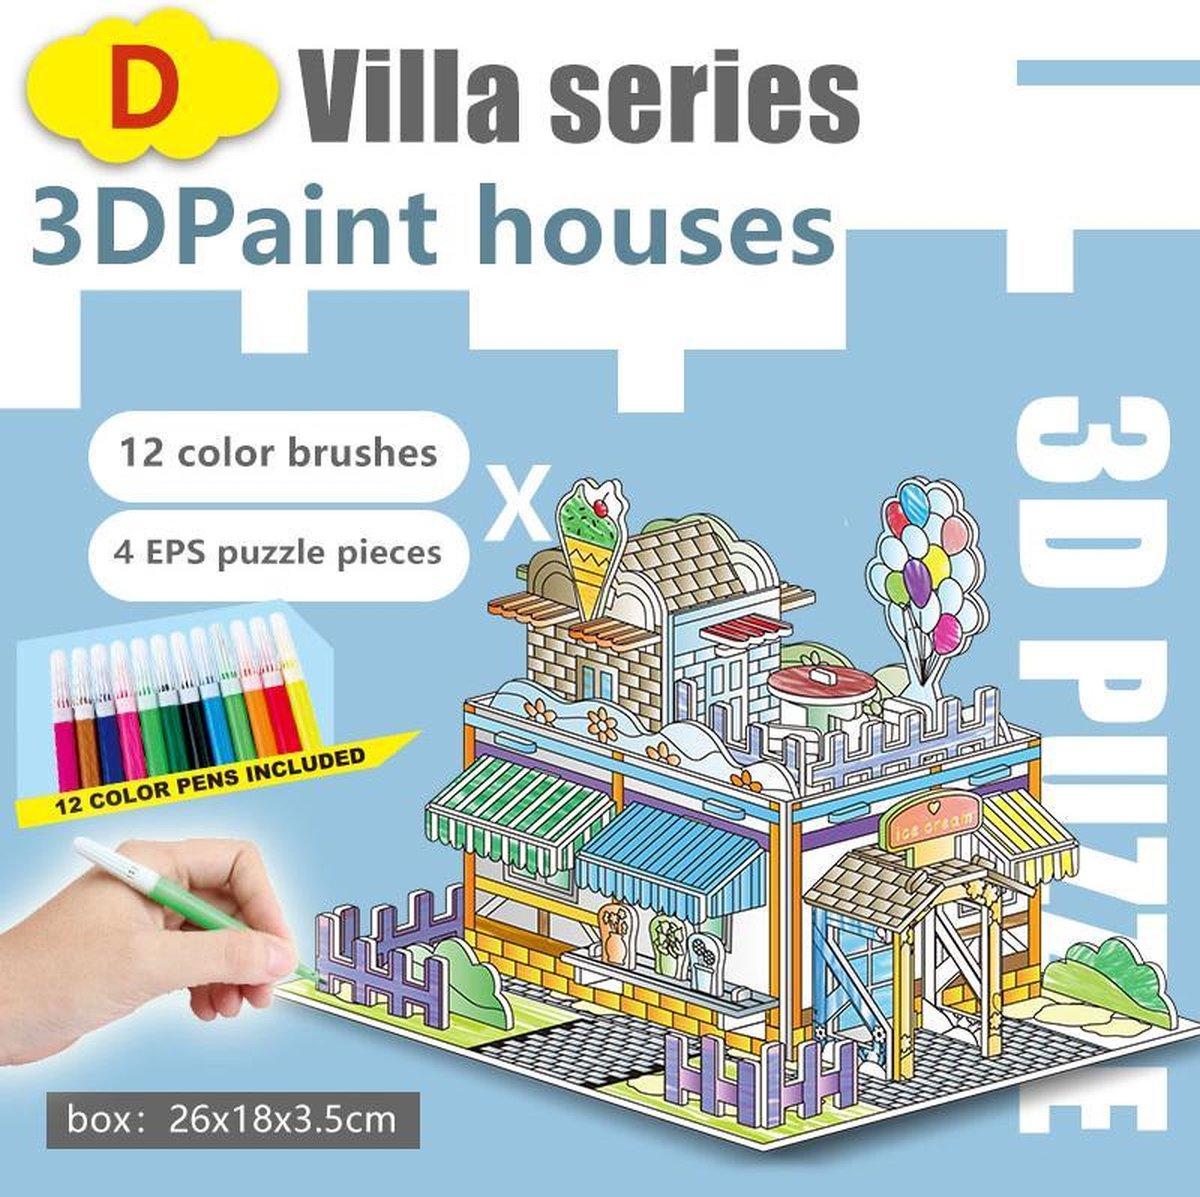 3D Puzzel 'Villa B&C 2 in 1 Set' Speelgoed voor kinderen - Jongens En Meisjes - Voertuigen - Villa - Kasteel - Tekenen - Kleuren - Knutselen - Vanaf 3 Jaar Oud - Leerzaam